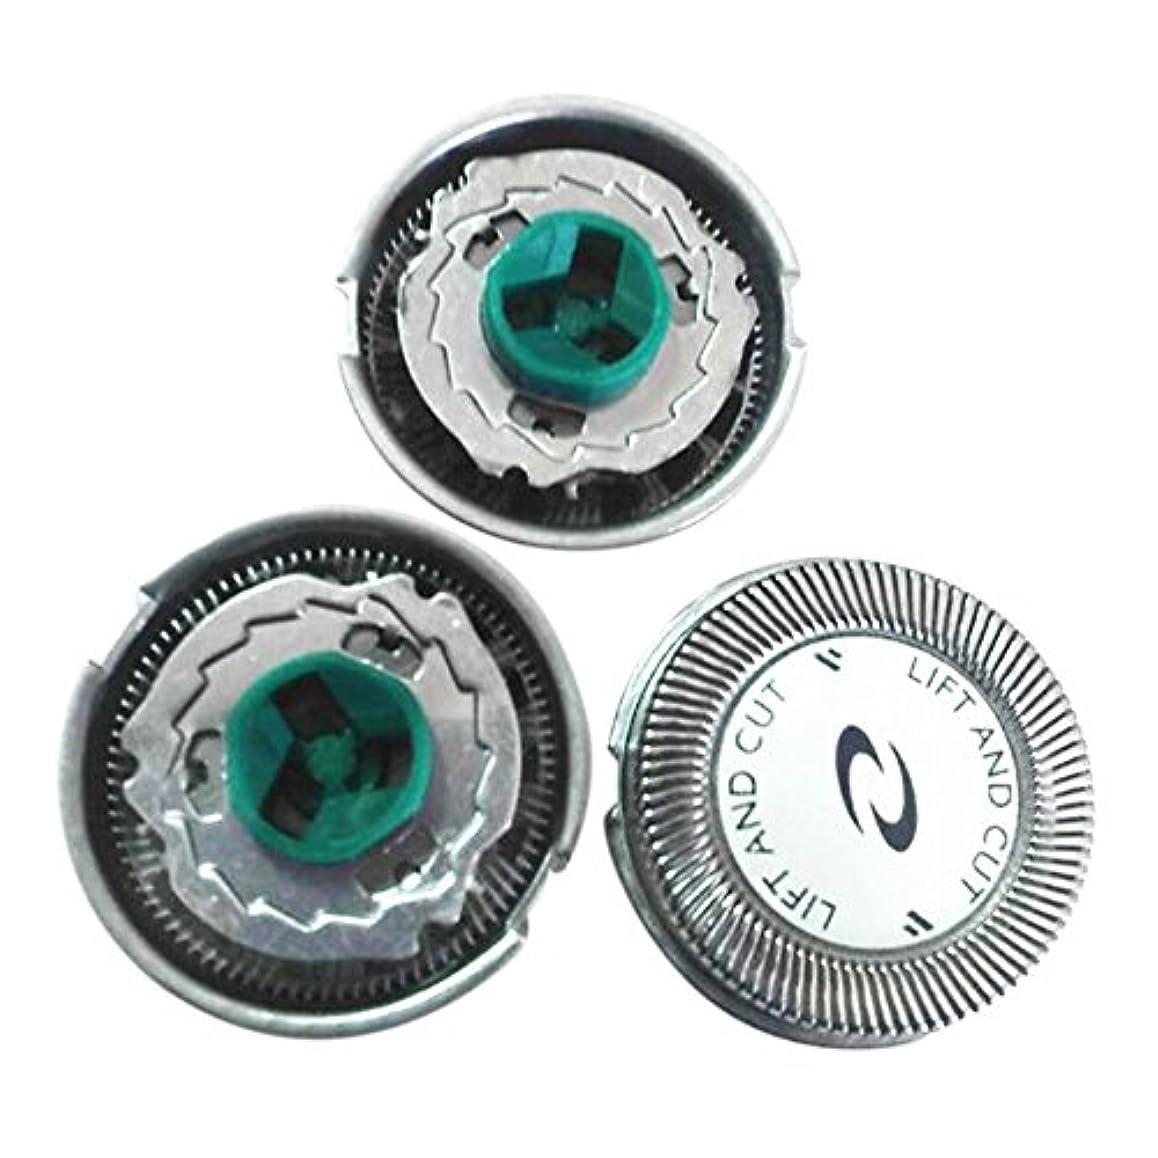 鎮静剤そして第HZjundasi 3x Replacement シェーバーヘッドフォイル+Cutters for Philip HQ6070 7310XL PT726/720